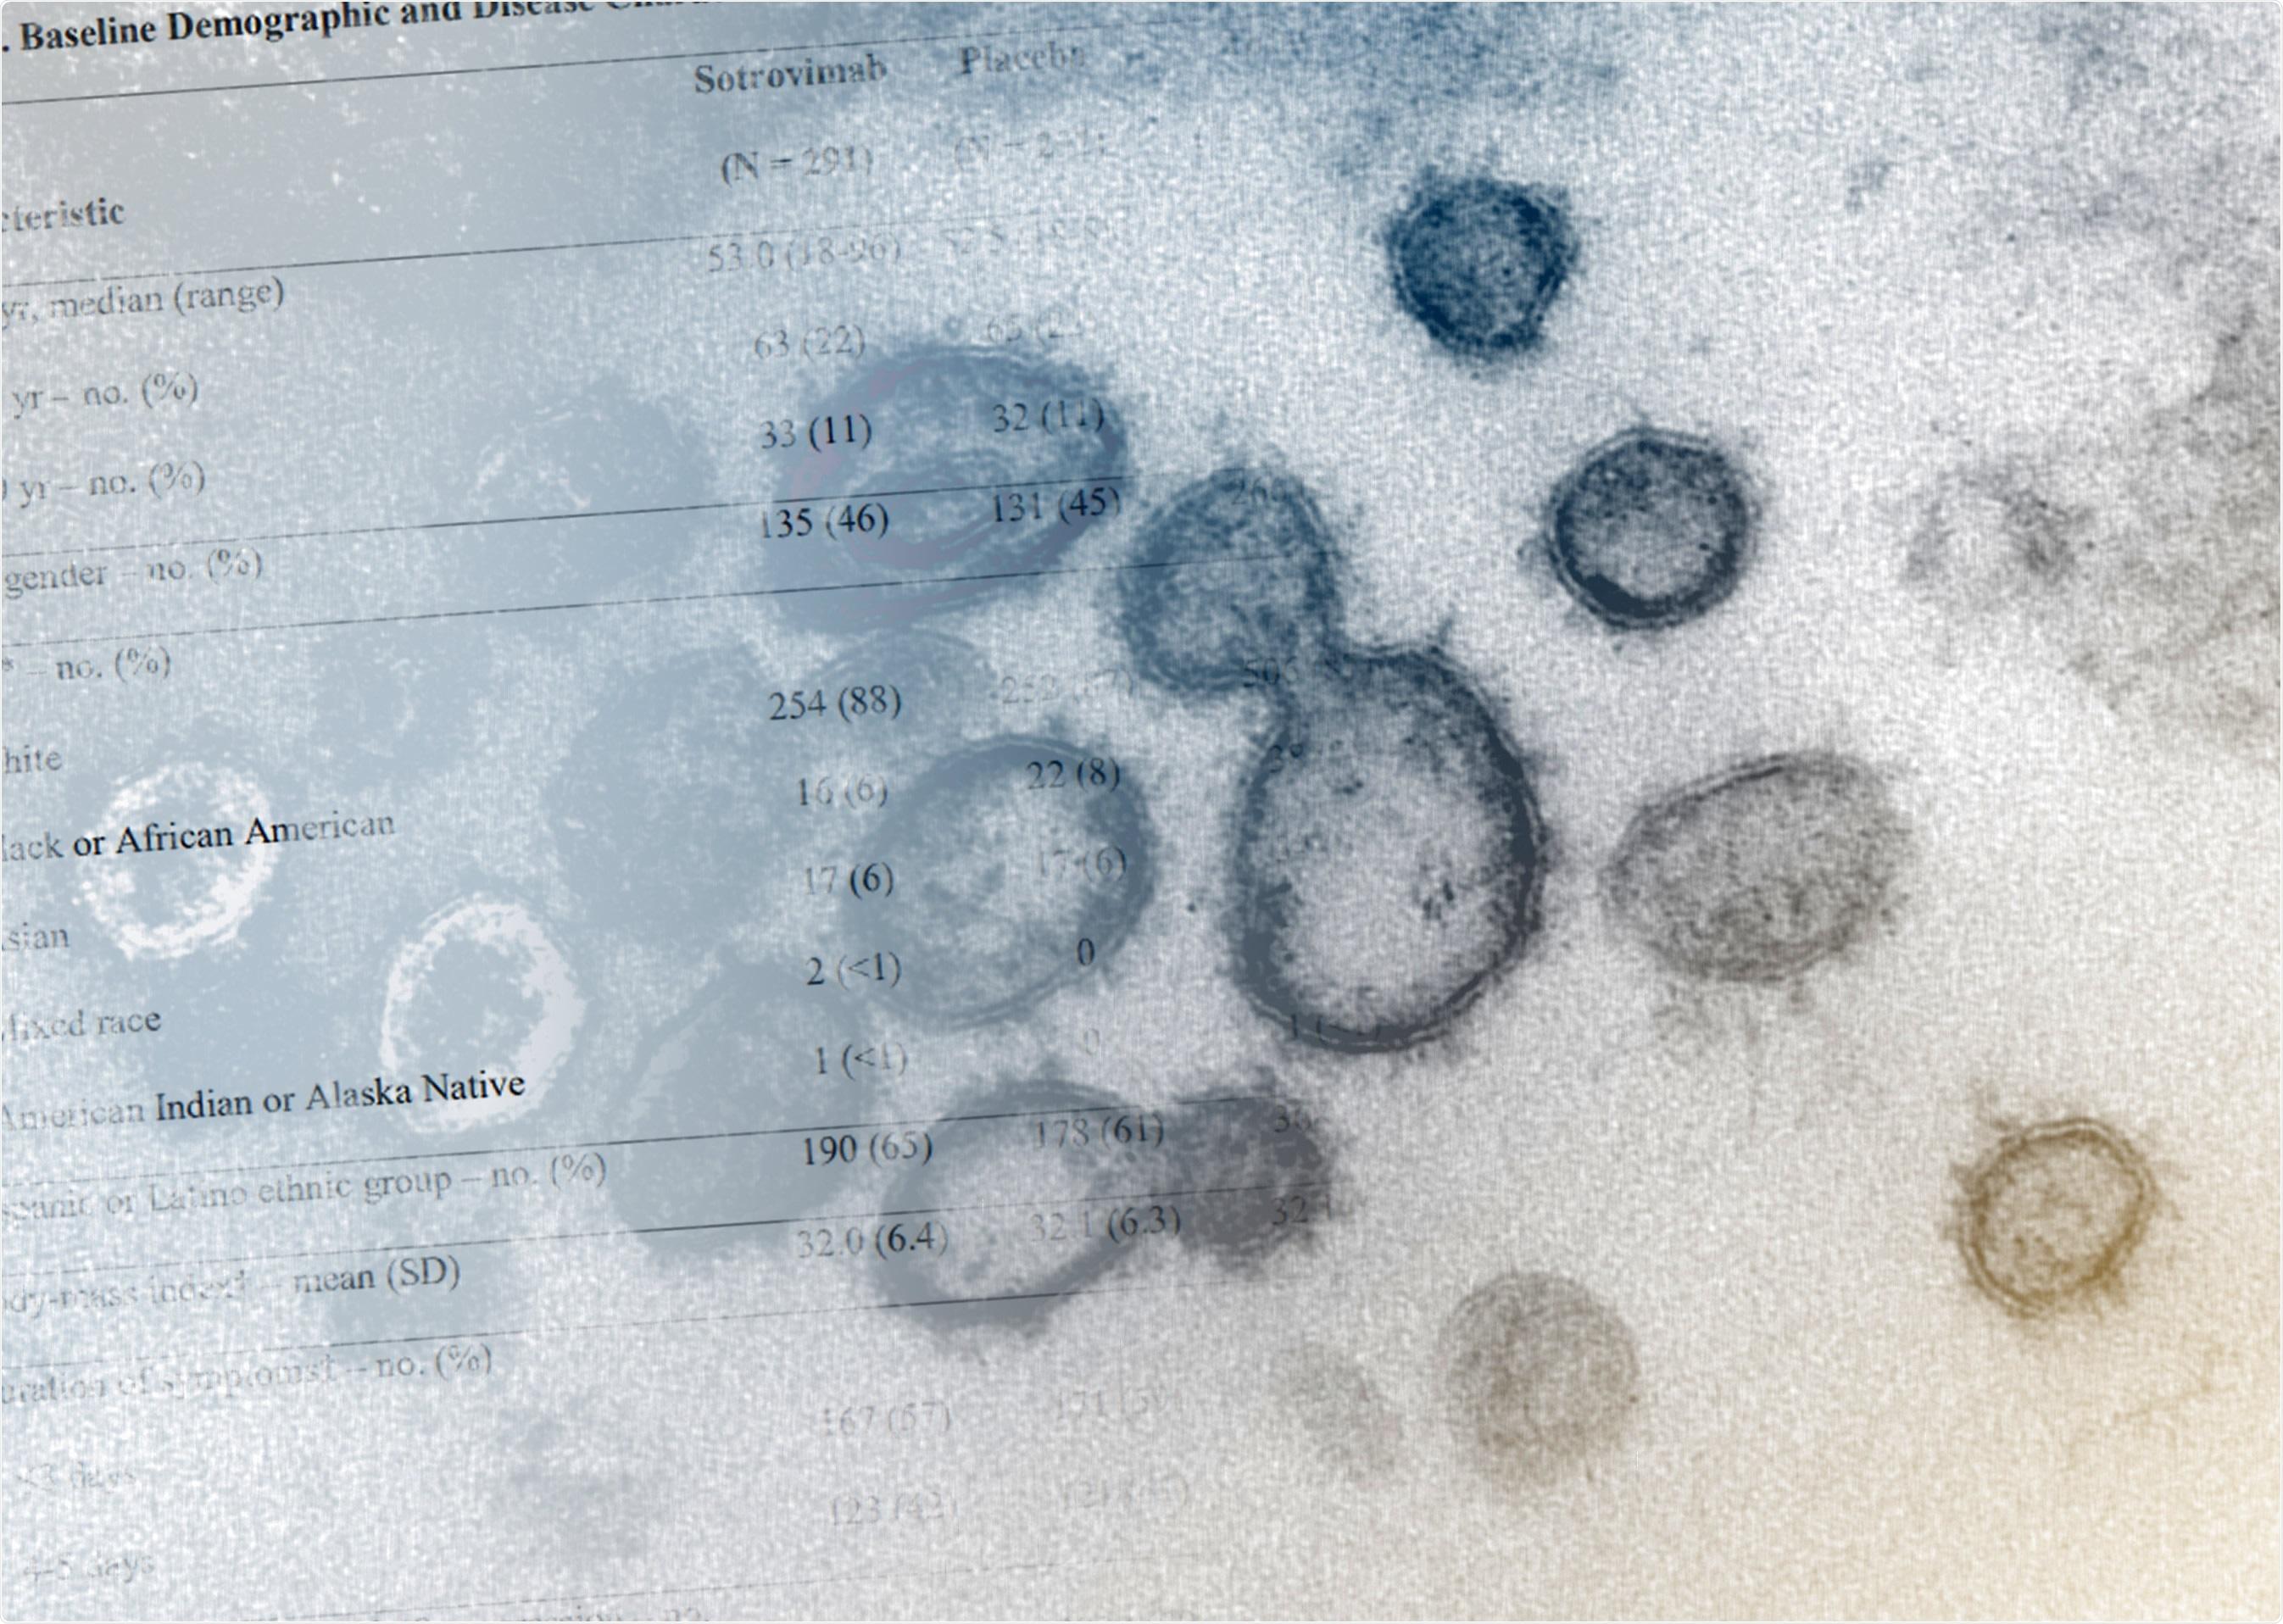 Estudio: Tratamiento temprano de Covid-19 con anticuerpo neutralizante del SARS-CoV-2 Sotrovimab.  Crédito de la imagen: NIAID